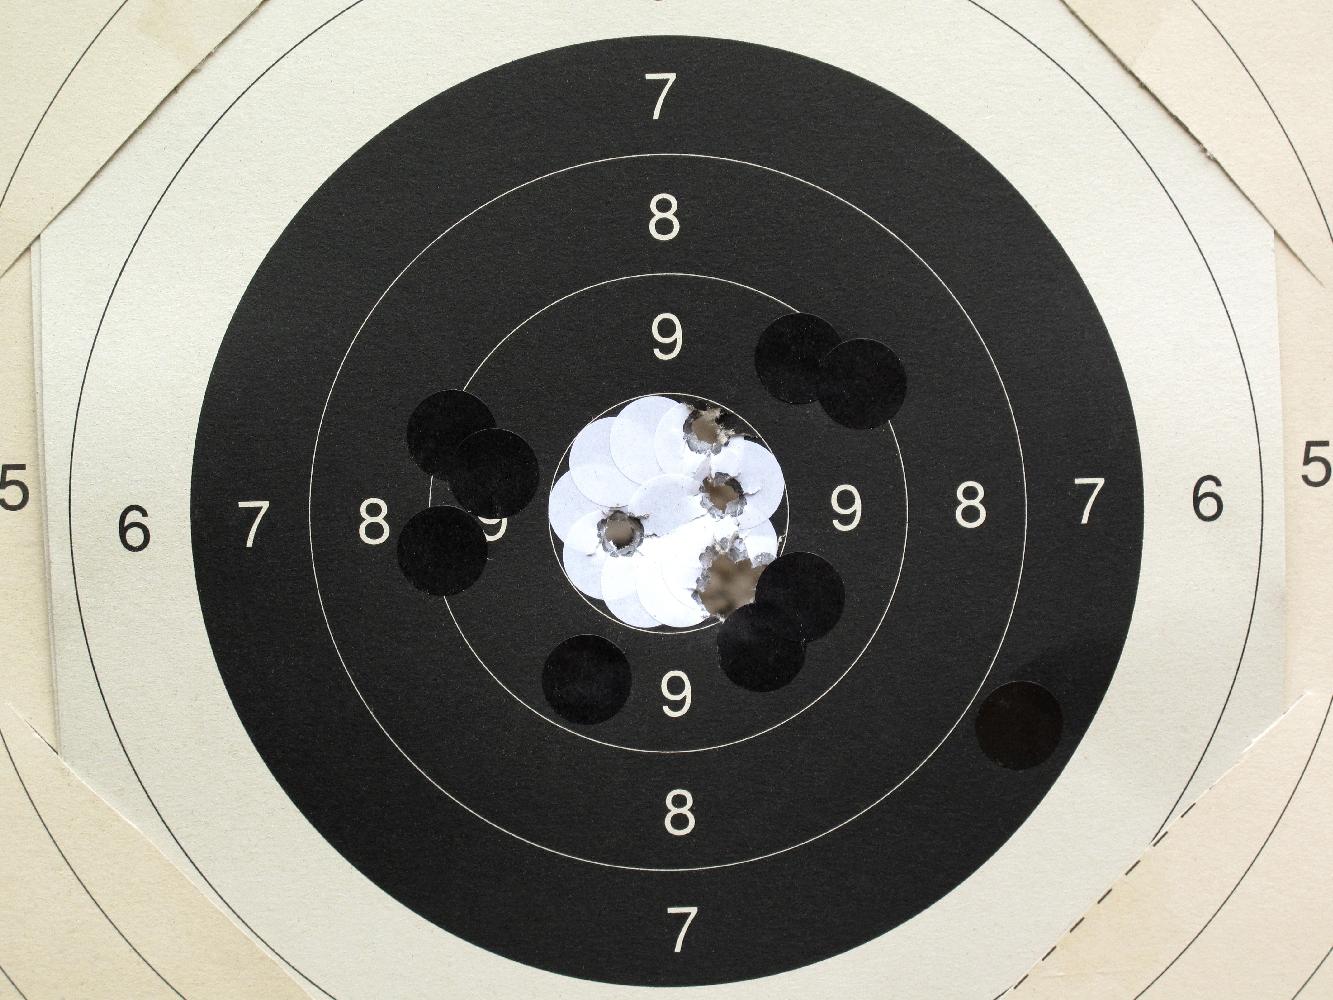 Les gommettes noires et blanches sont indispensables aux tireurs sportifs parce qu'ils permettent de réutiliser de nombreuses fois leurs cibles en carton.